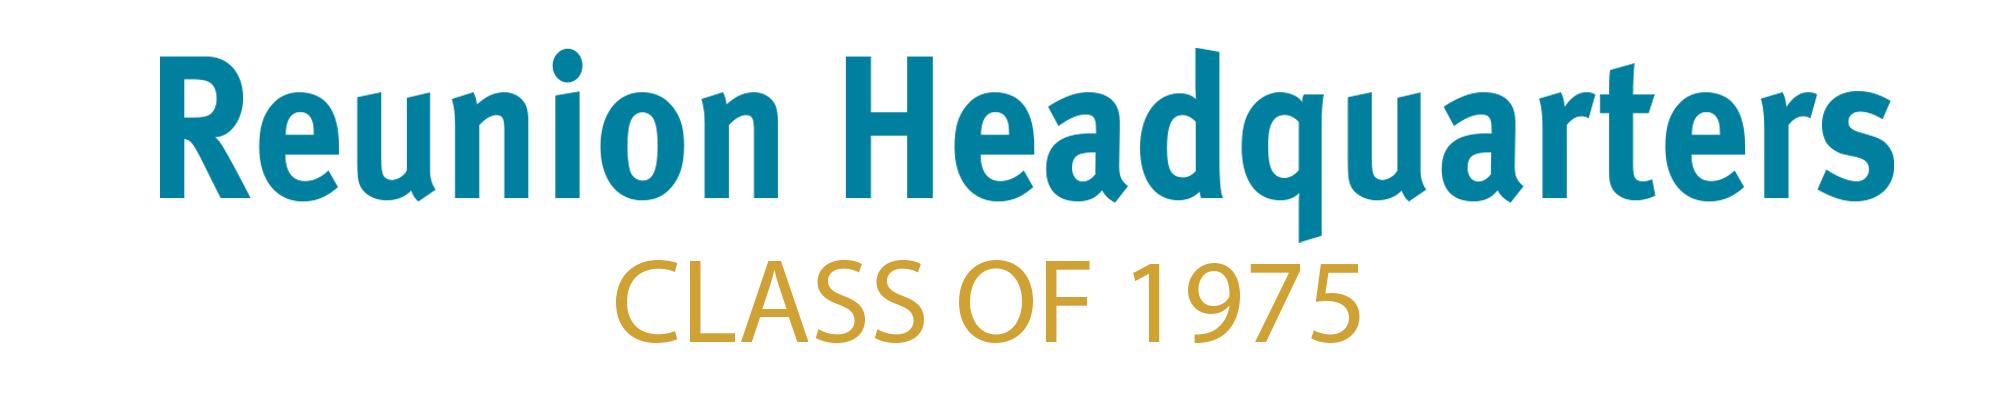 Class of 1975 Header